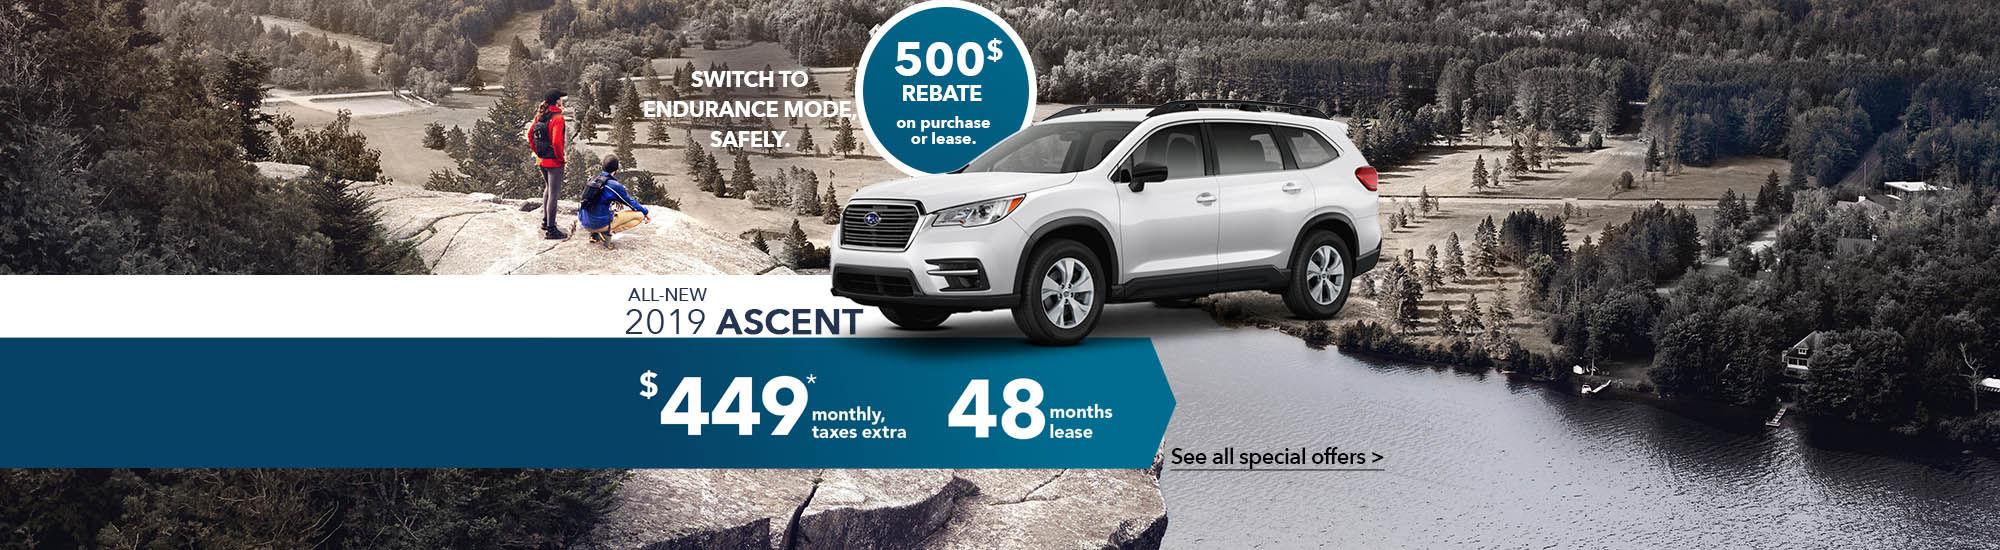 All-new 2019 Ascent | Subaru